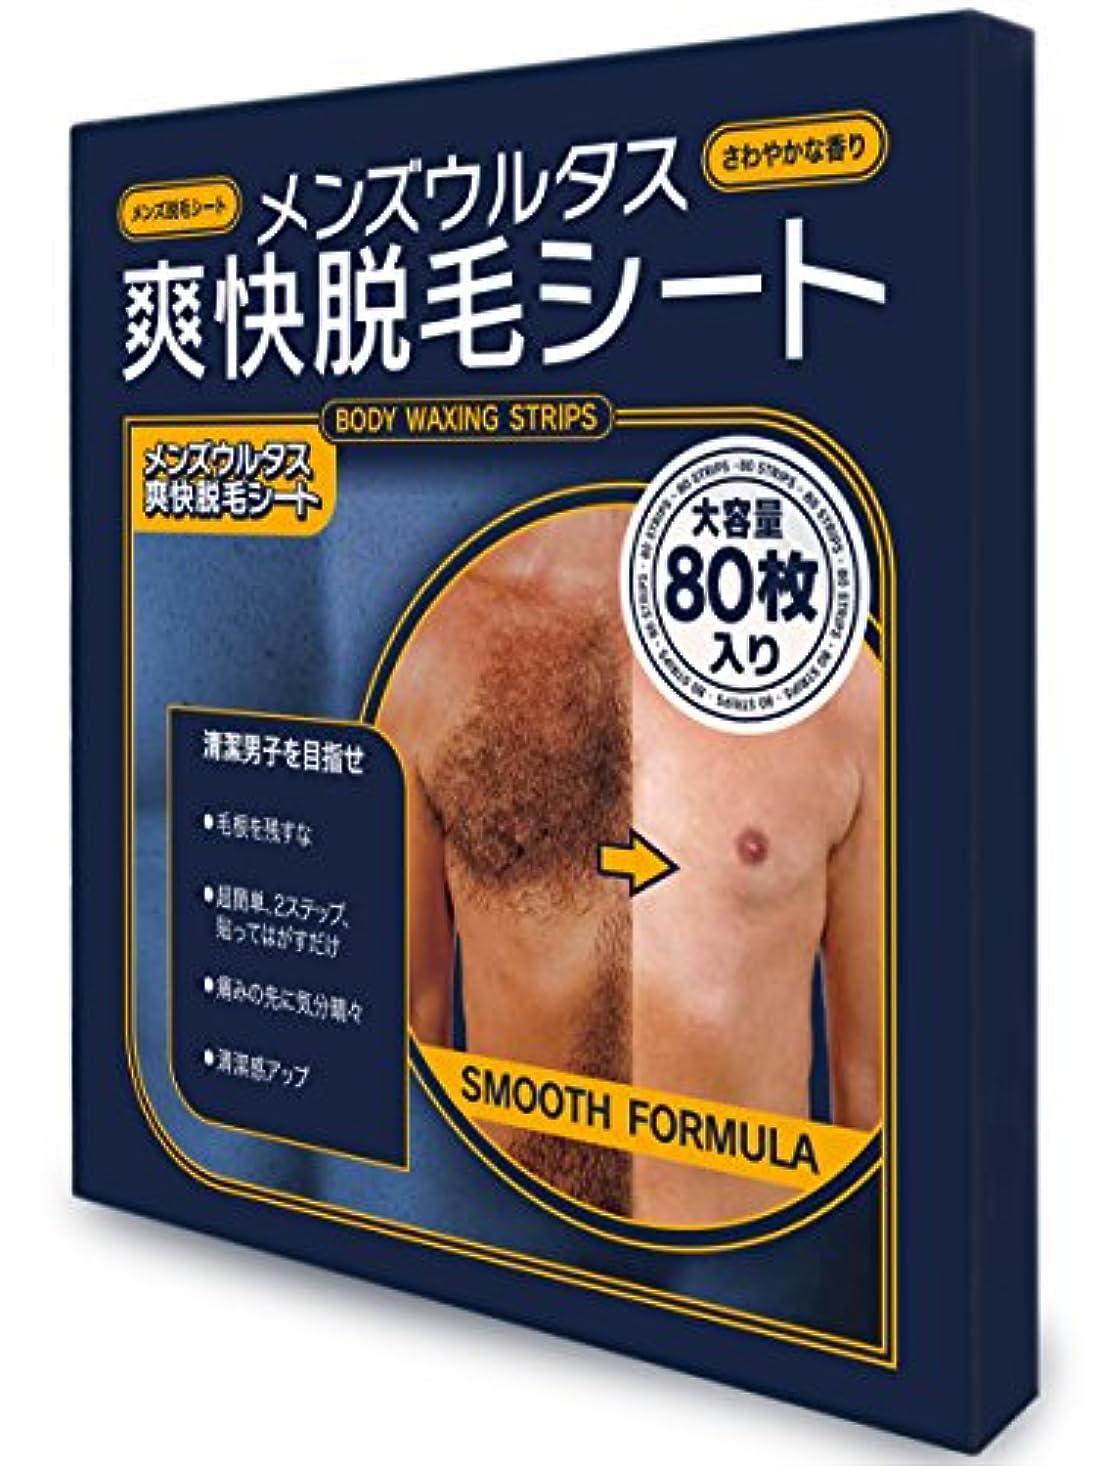 効果的にライトニング健全脱毛シート 爽快 脱毛 ワックス シート メンズ ウルタス 大容量 40組80枚入り